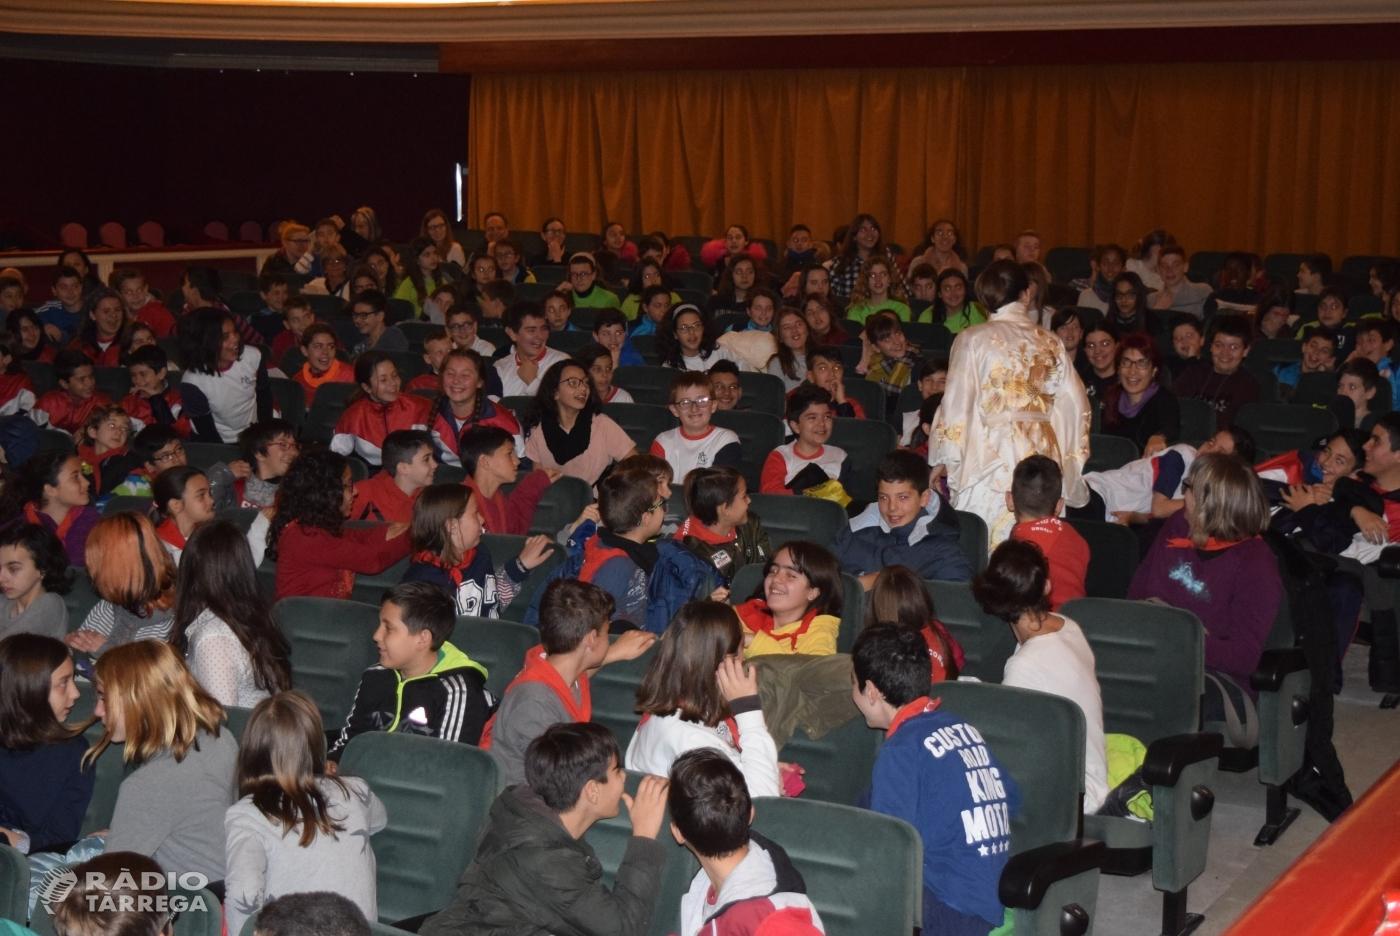 L'Ajuntament de Tàrrega suspèn la Festa Major i la Firacóc a causa de la crisi del coronavirus